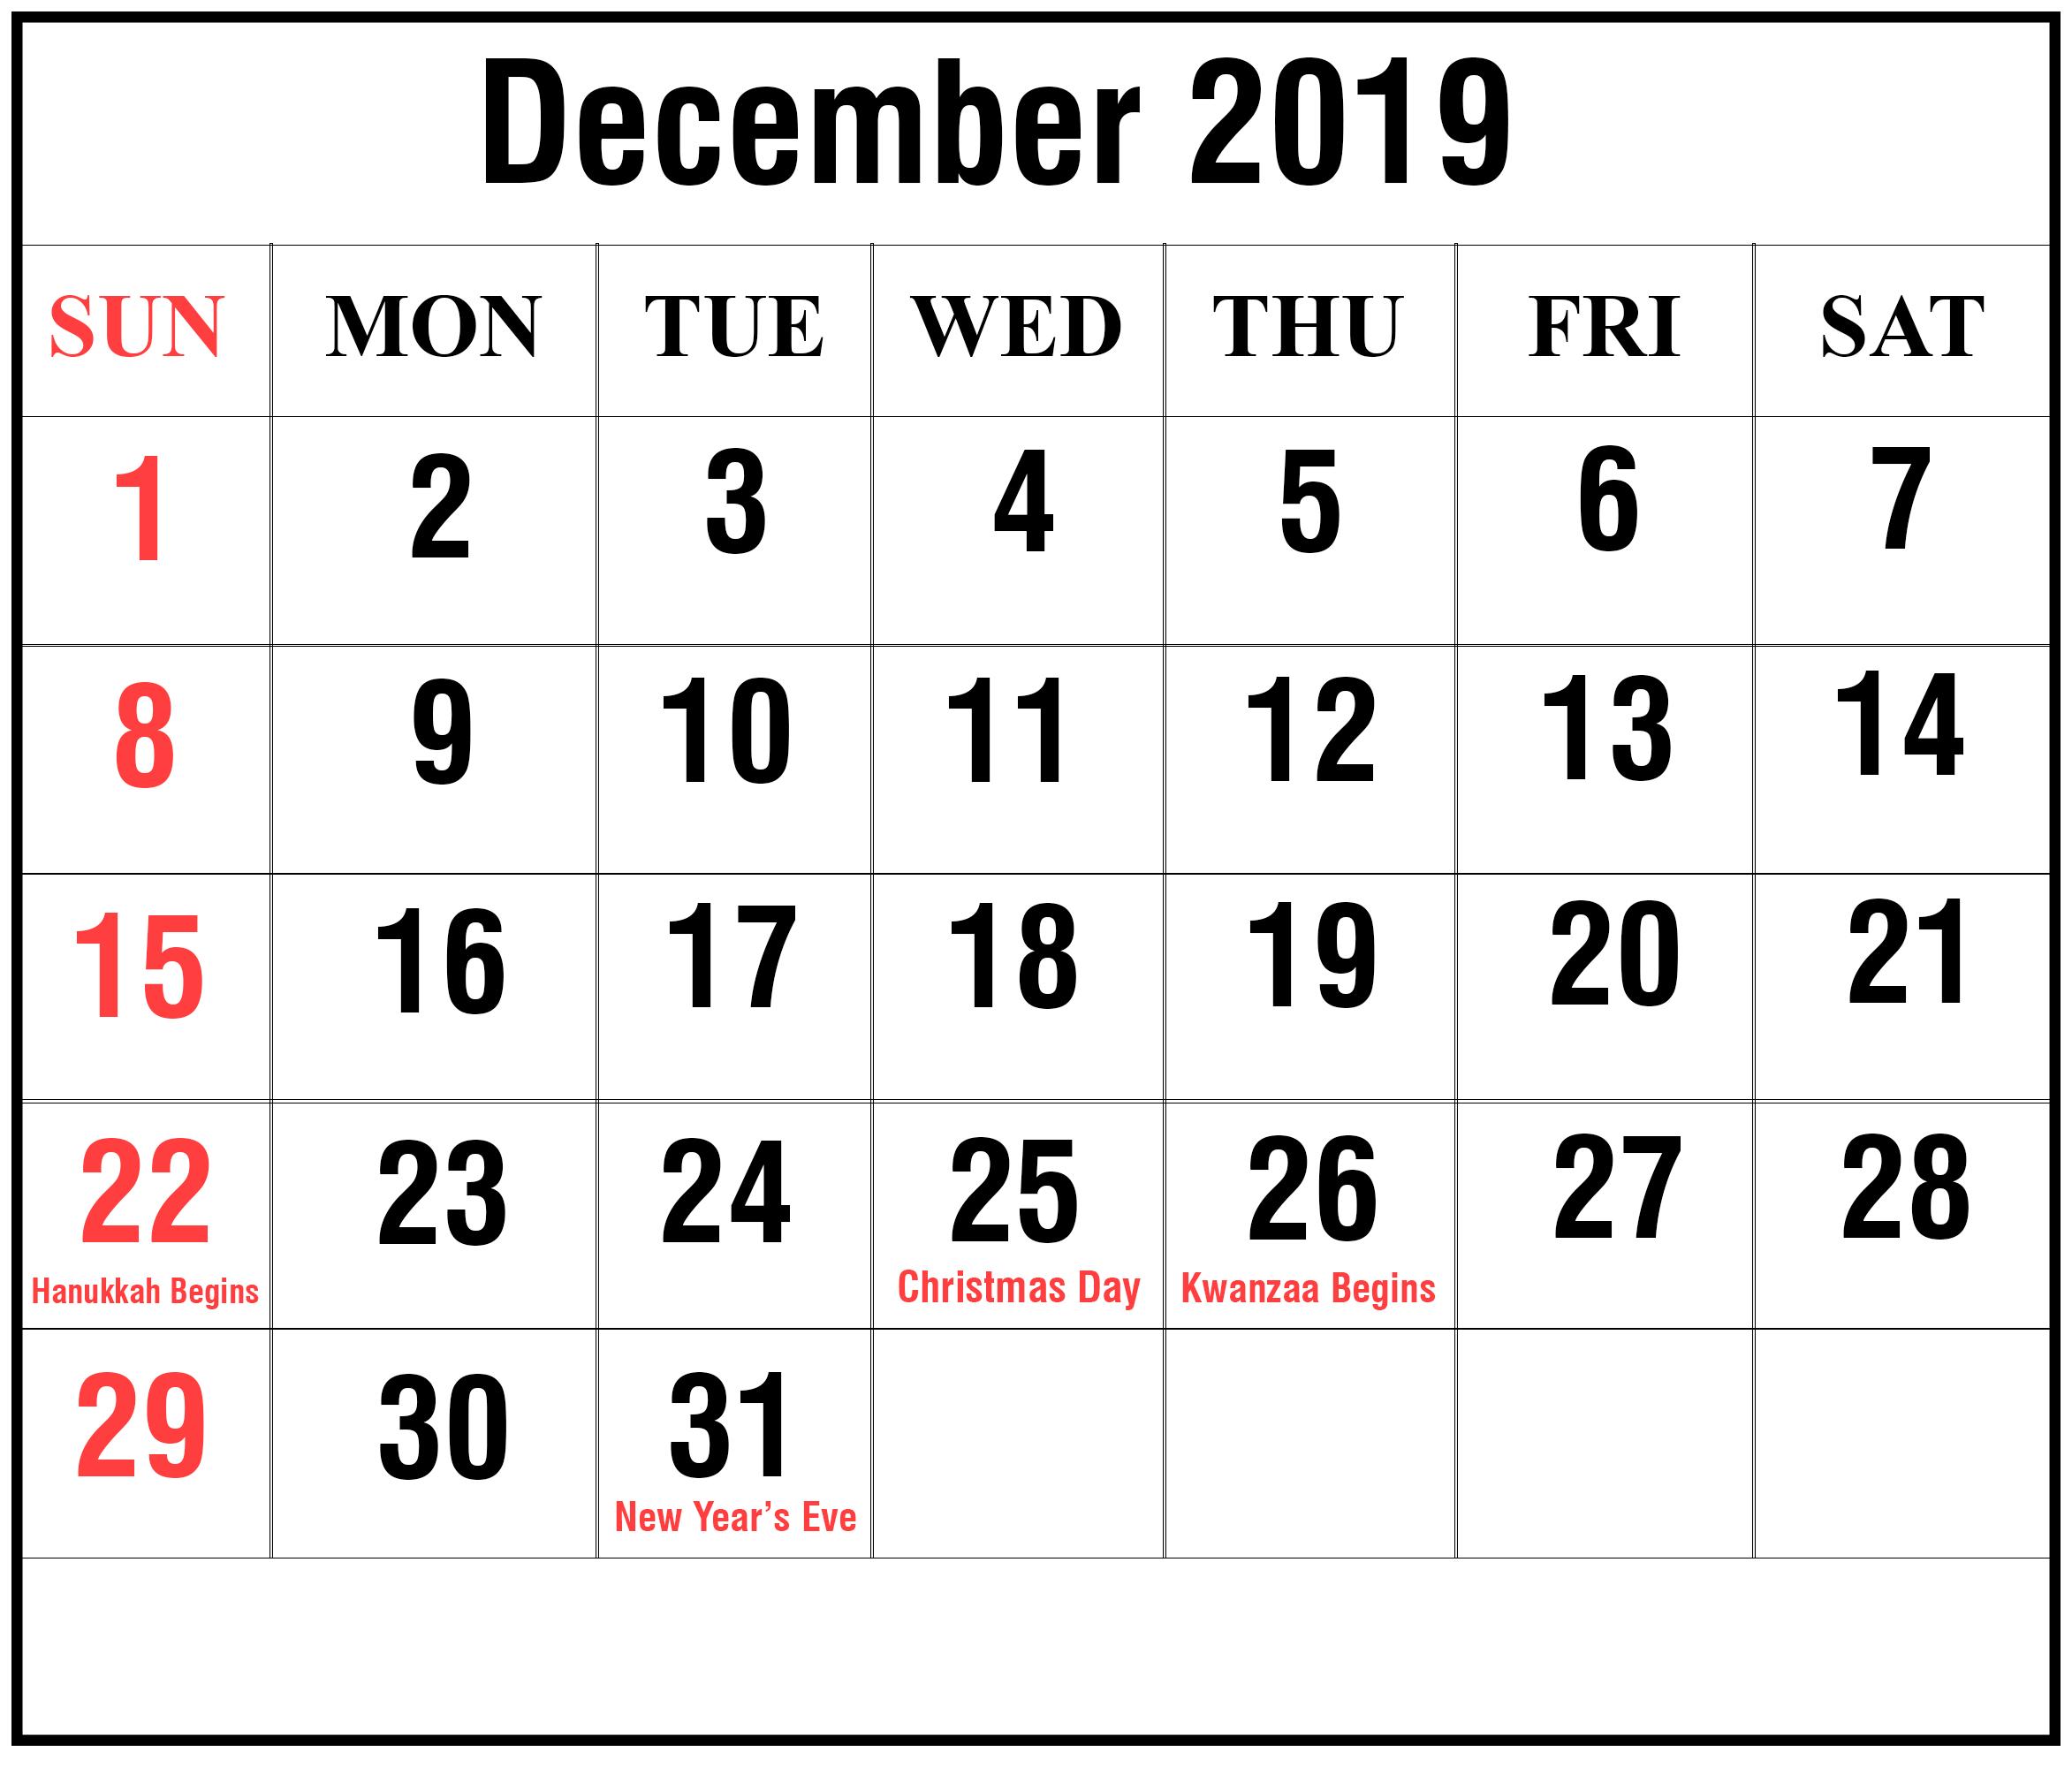 Editable December 2019 Calendar Blank Template | December